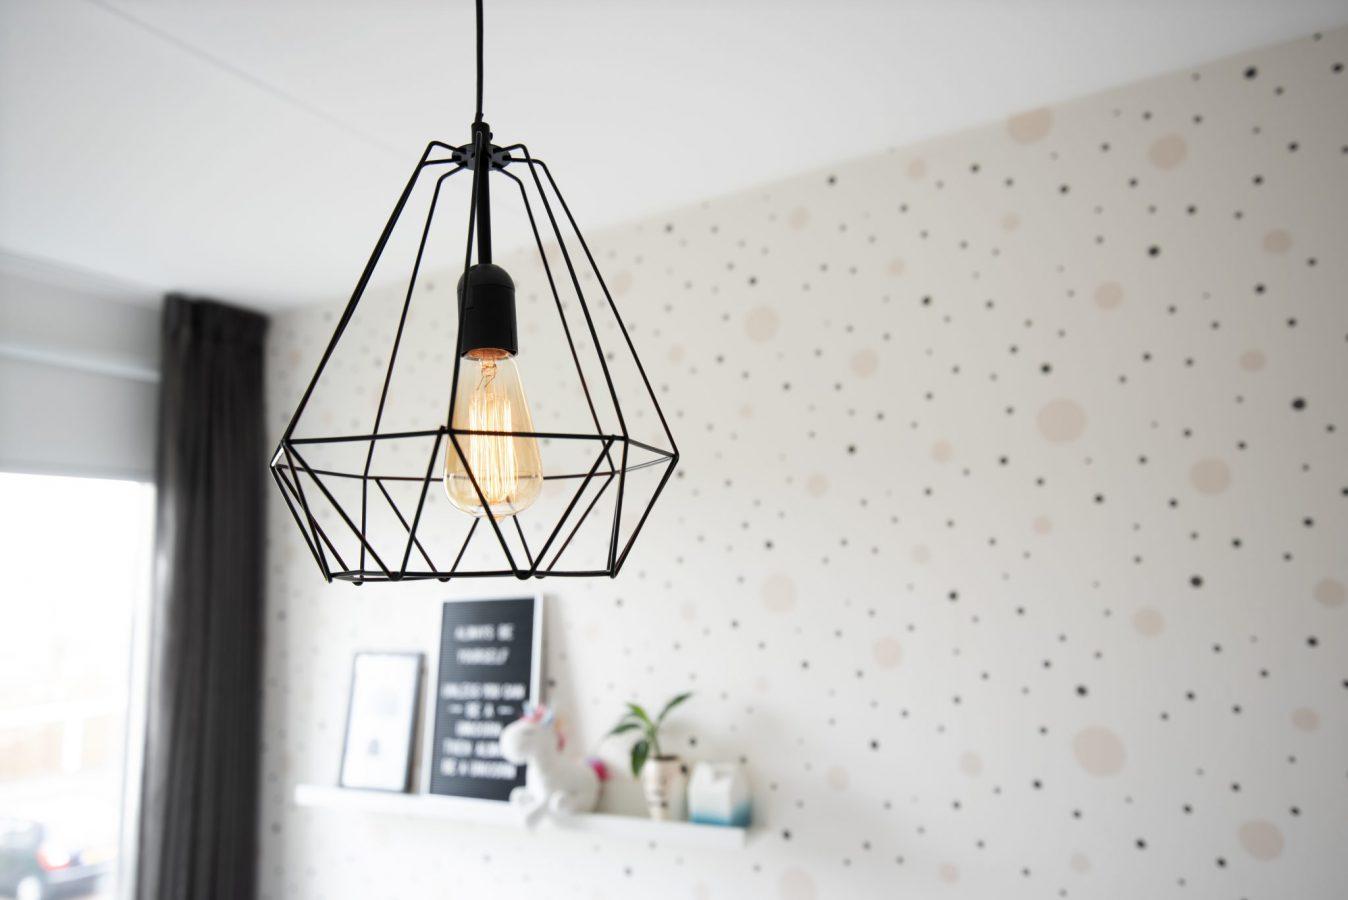 interieurontwerp interieuradvies styling duurzaam meidenkamer Drunen Vlijmen